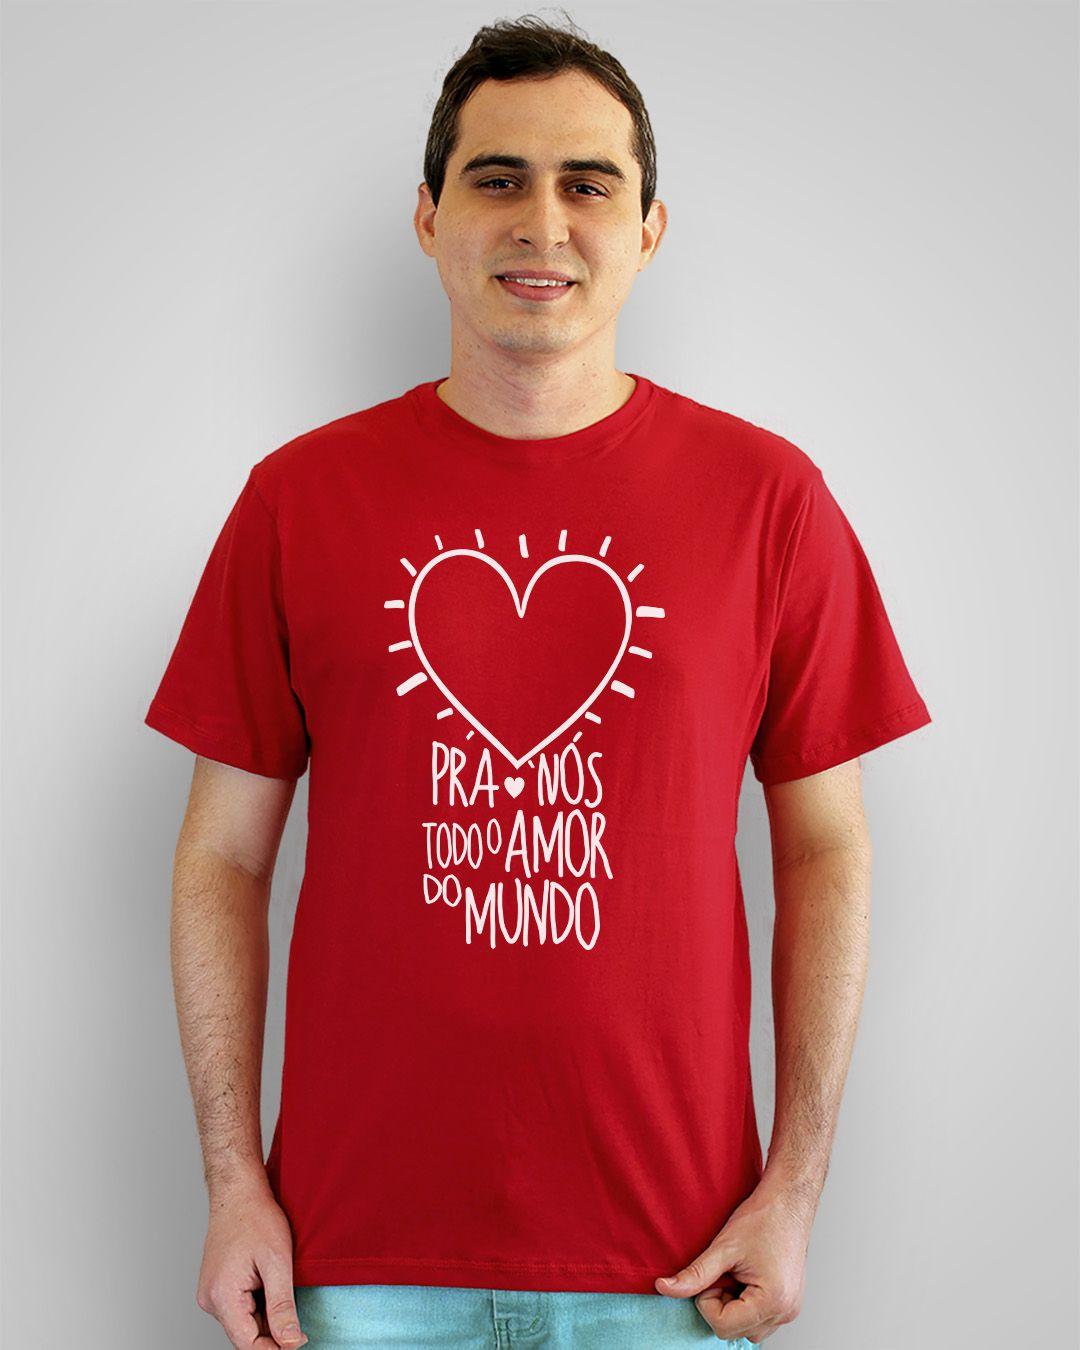 Camiseta Pra nós todo o amor do mundo - Los Hermanos